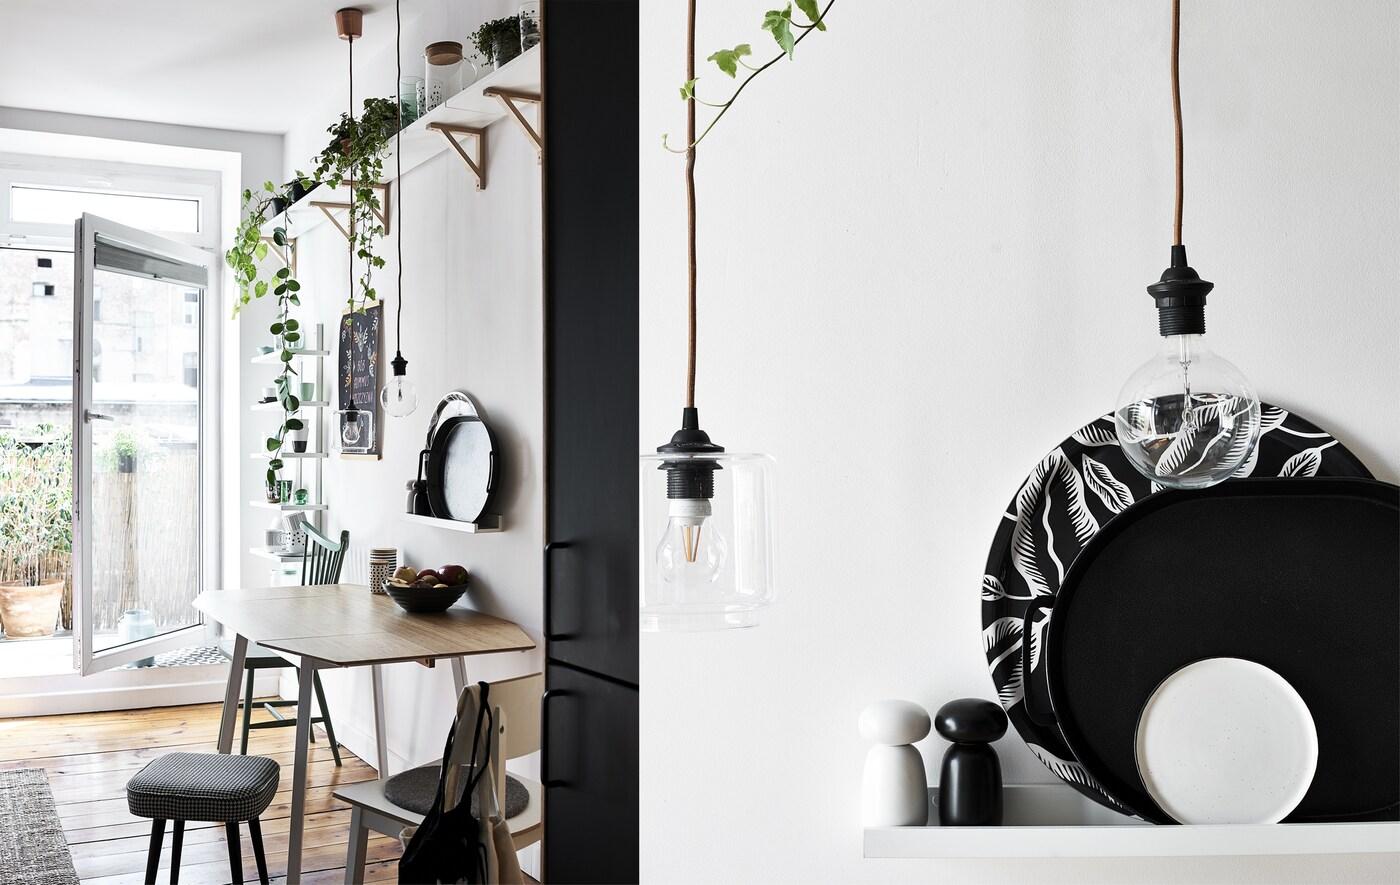 Ein Küchentisch mit Pflanzen auf einem Regal darüber und eine Nahaufnahme von einfarbigen Tabletts auf einem Regal mit Glühlampen davor.